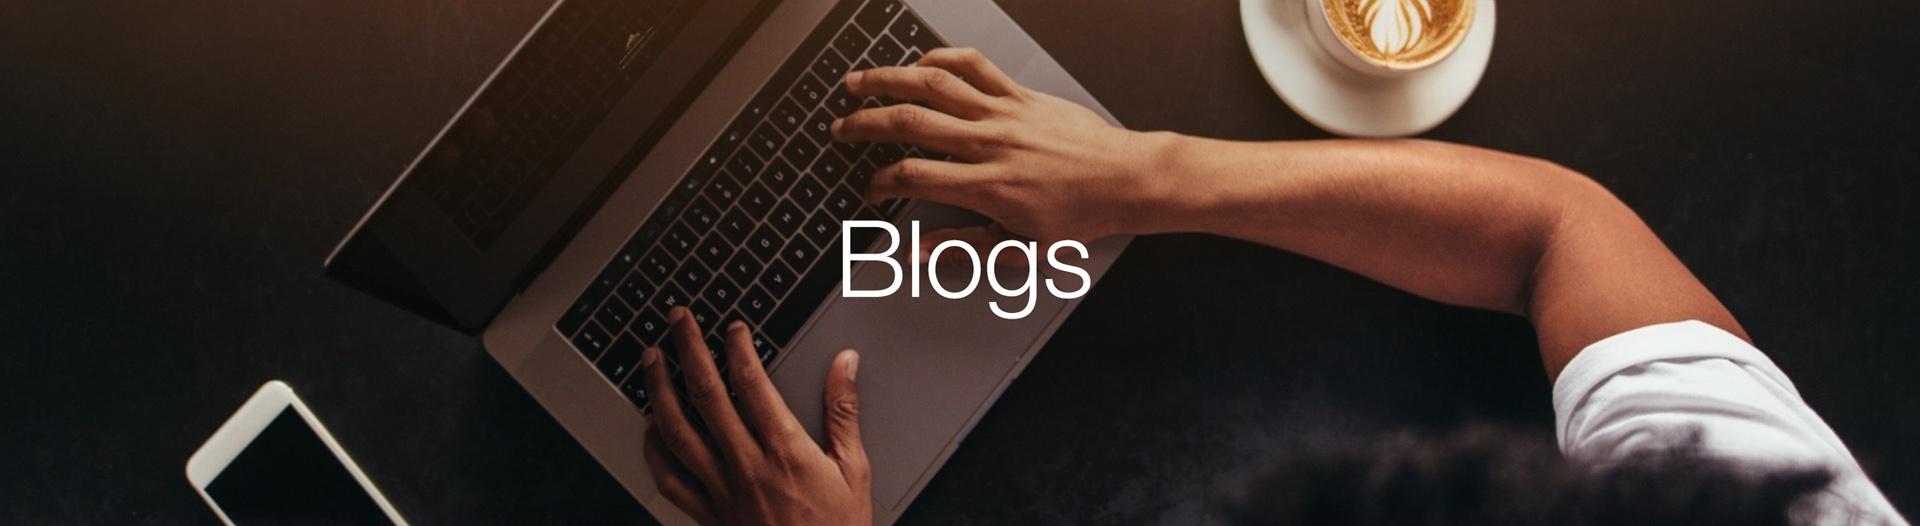 hero-blog-1